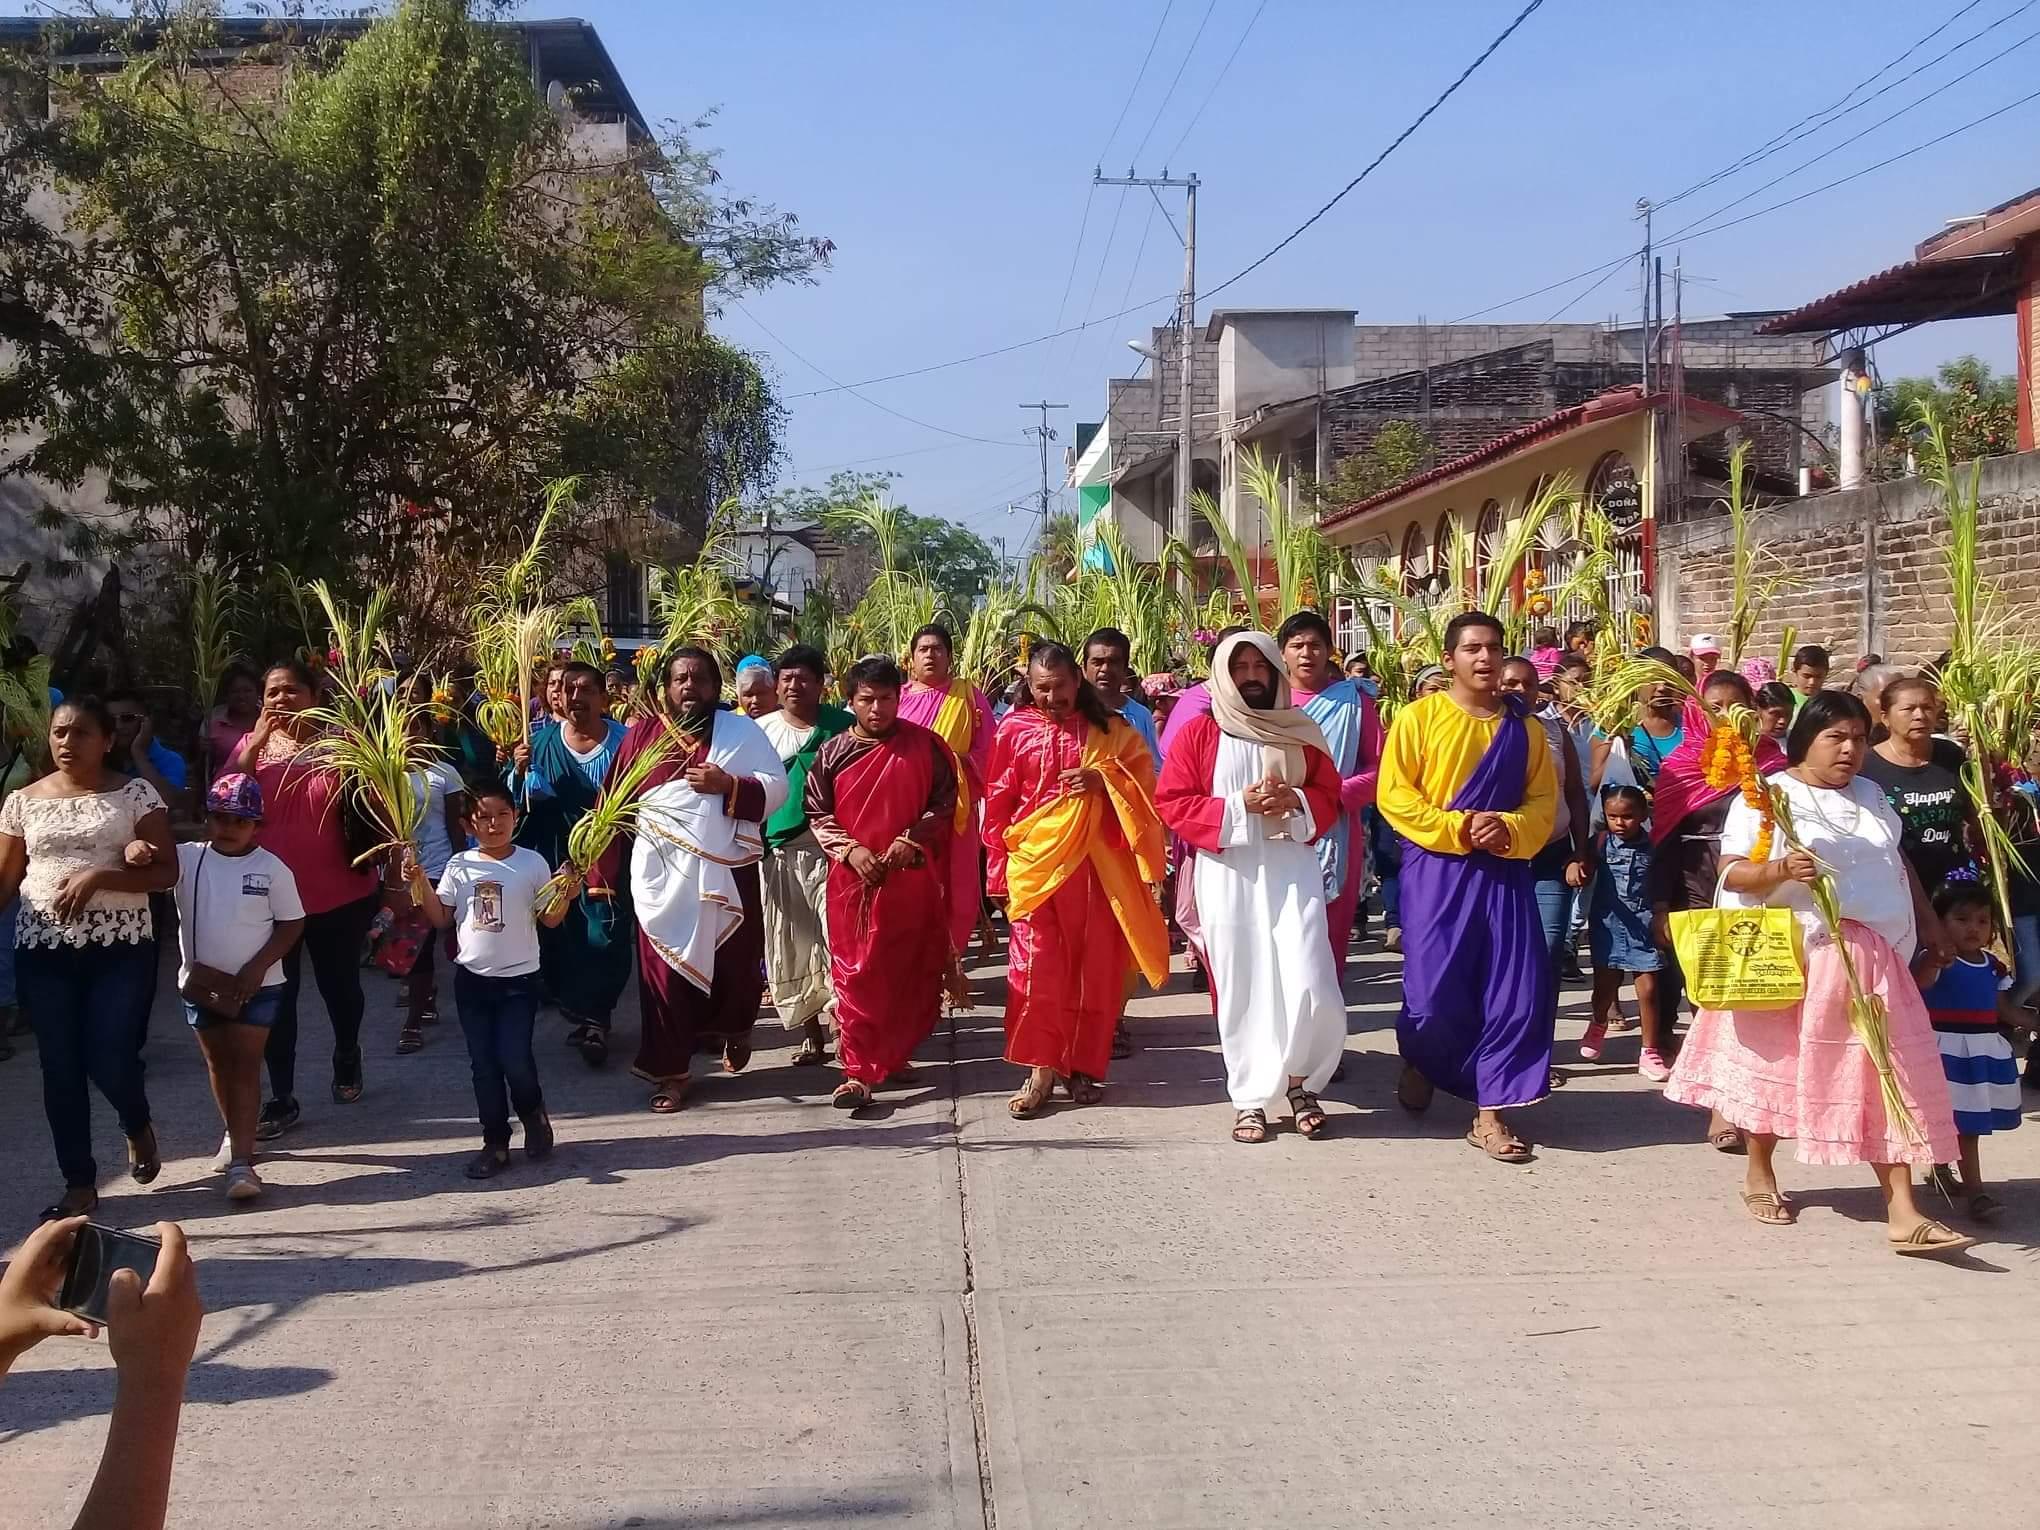 Se celebra el domingo de ramos en Ayutla